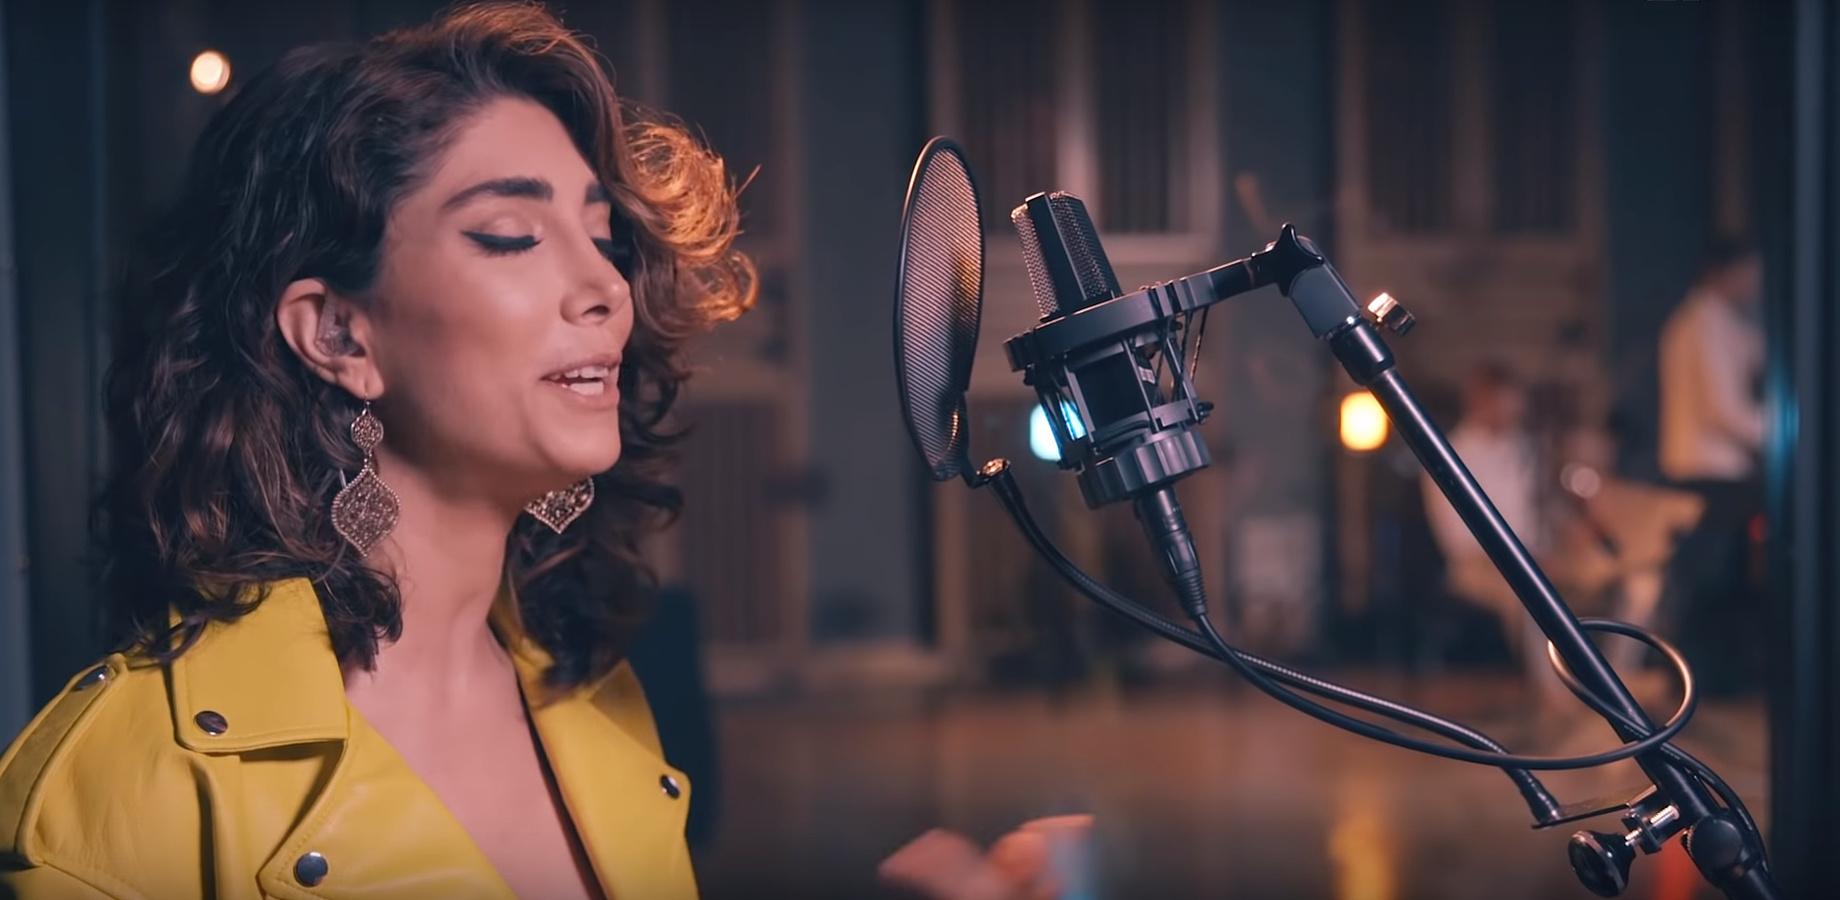 Ez a szír nő dalban mondja el, milyen végre szabadon autót vezetni!